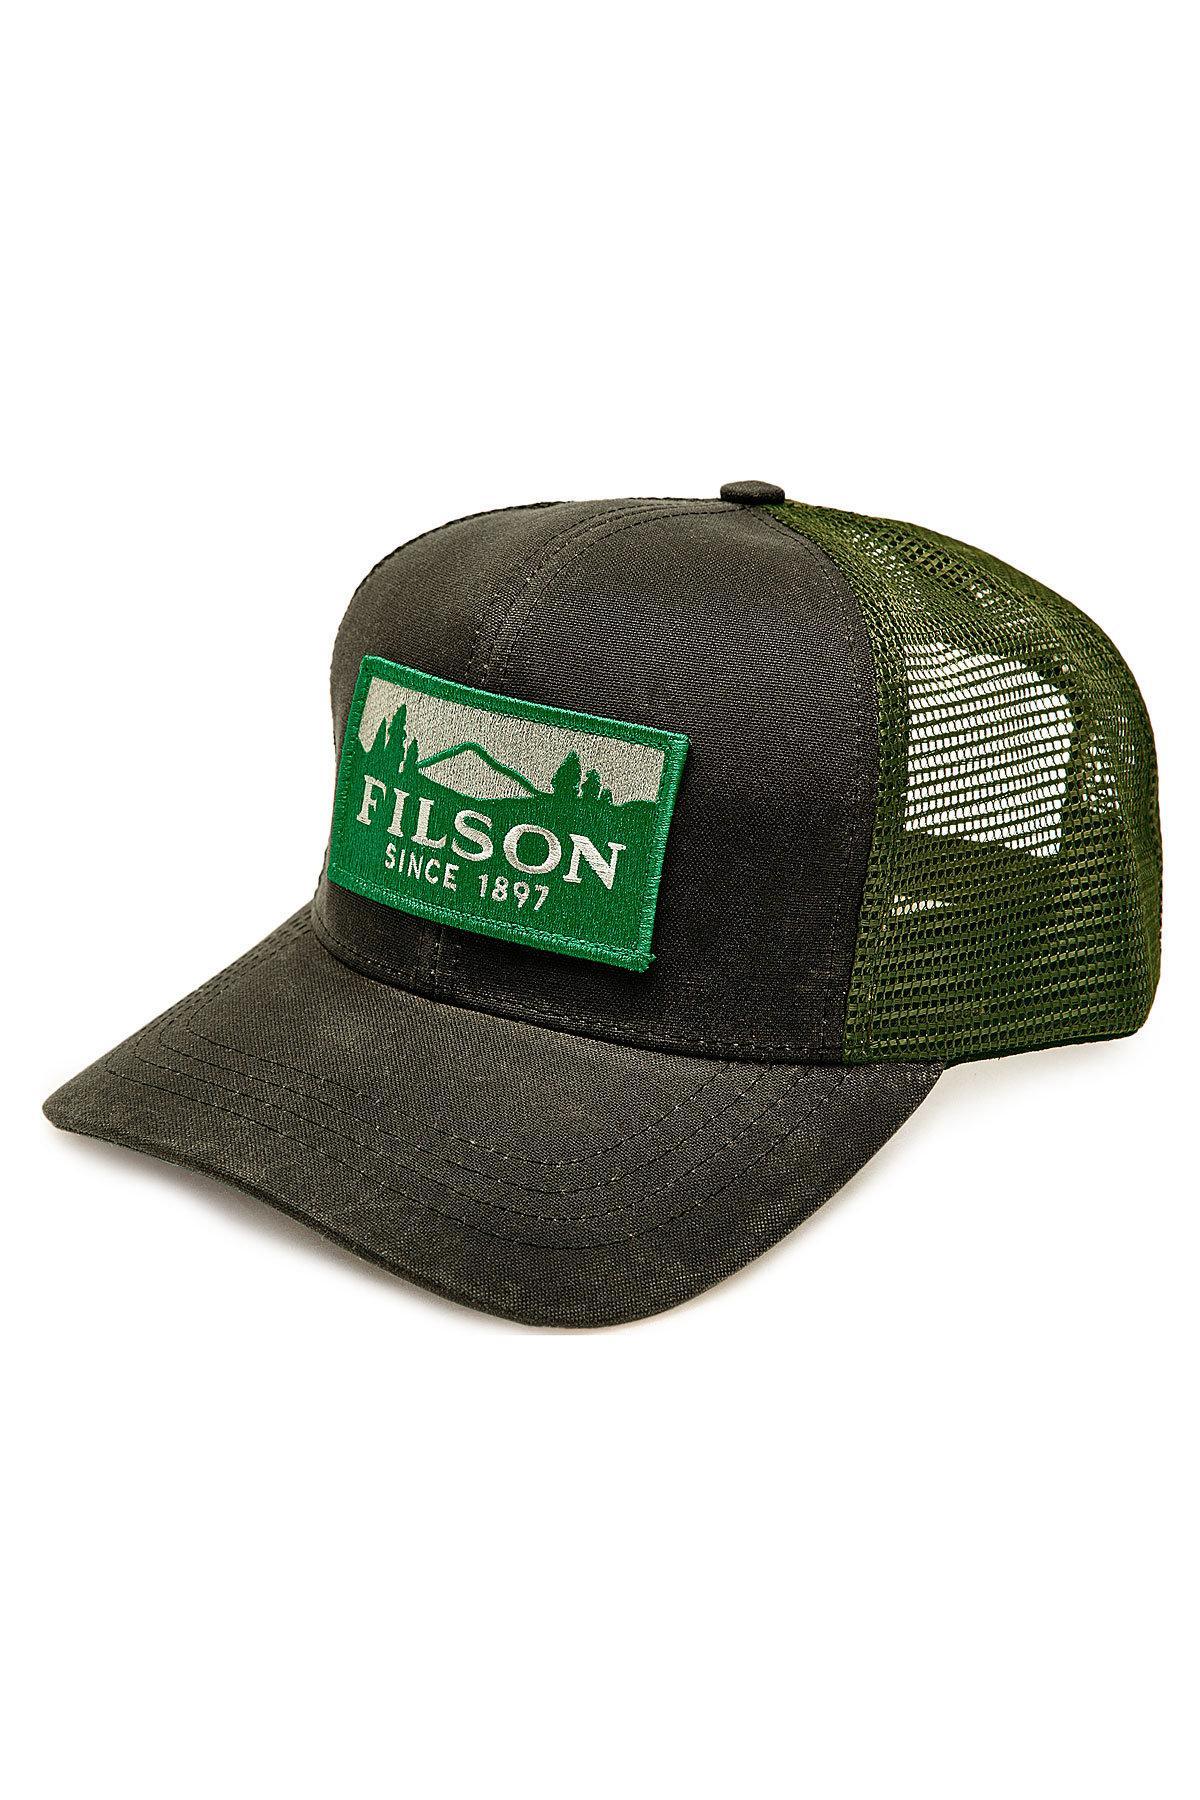 9f001e8c1 Lyst - Filson Logger Cotton Baseball Cap With Mesh for Men